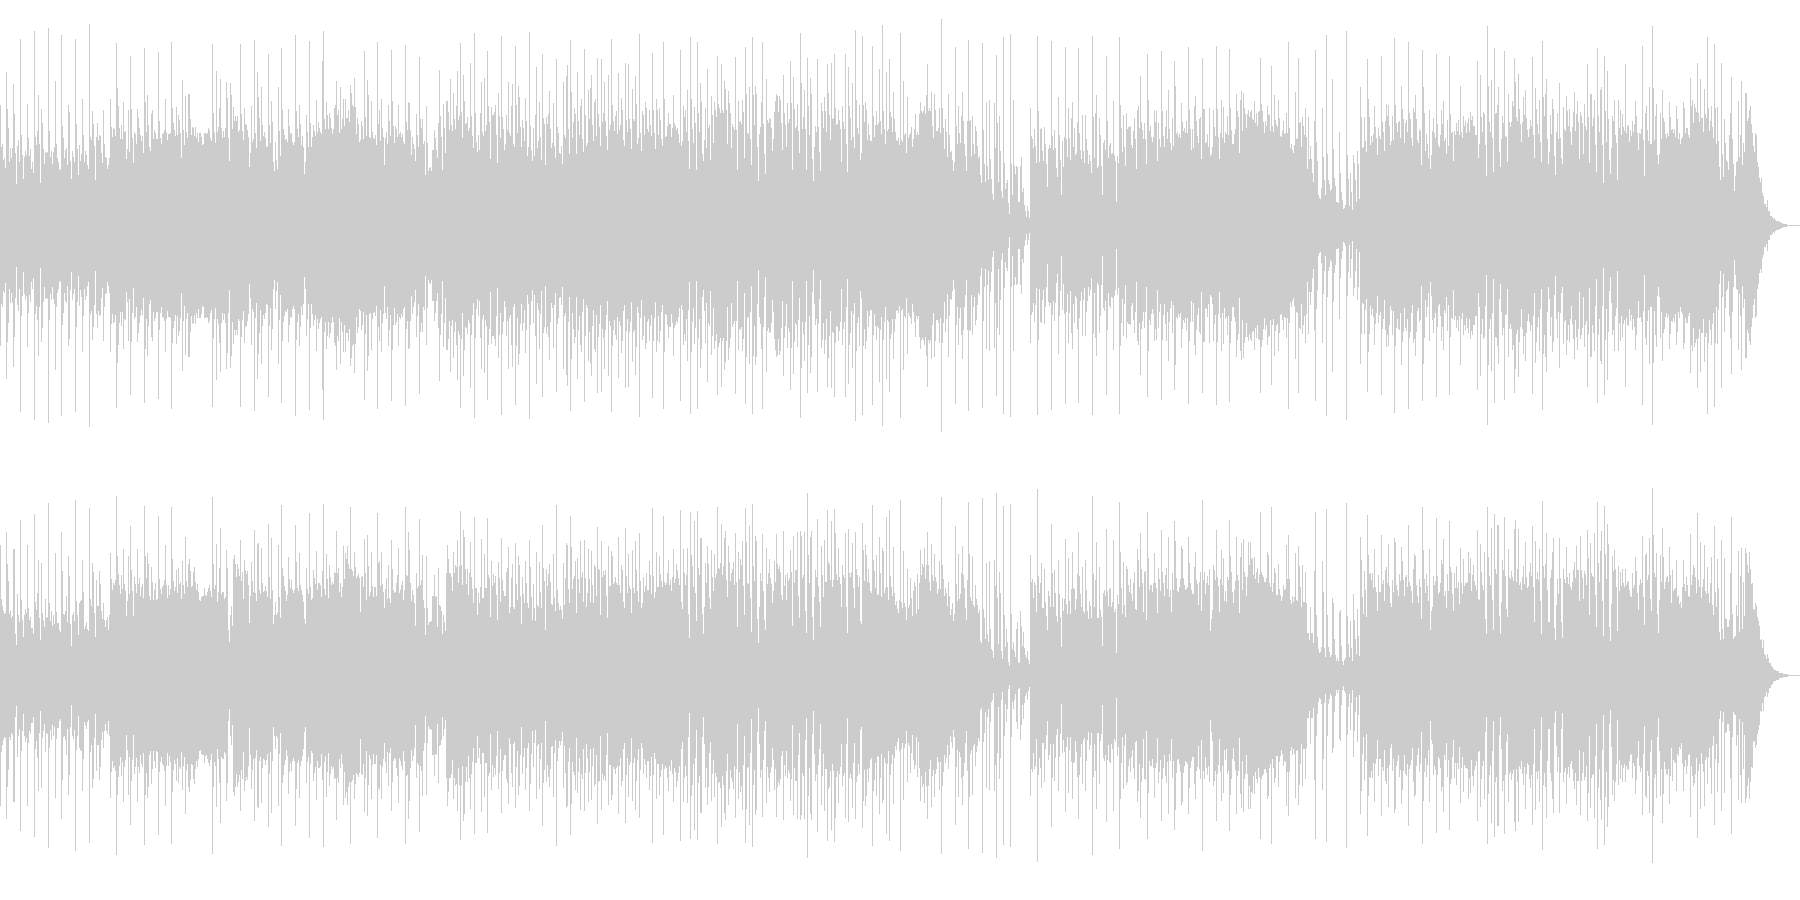 勢いのある熱いインストルメンタルロックの未再生の波形